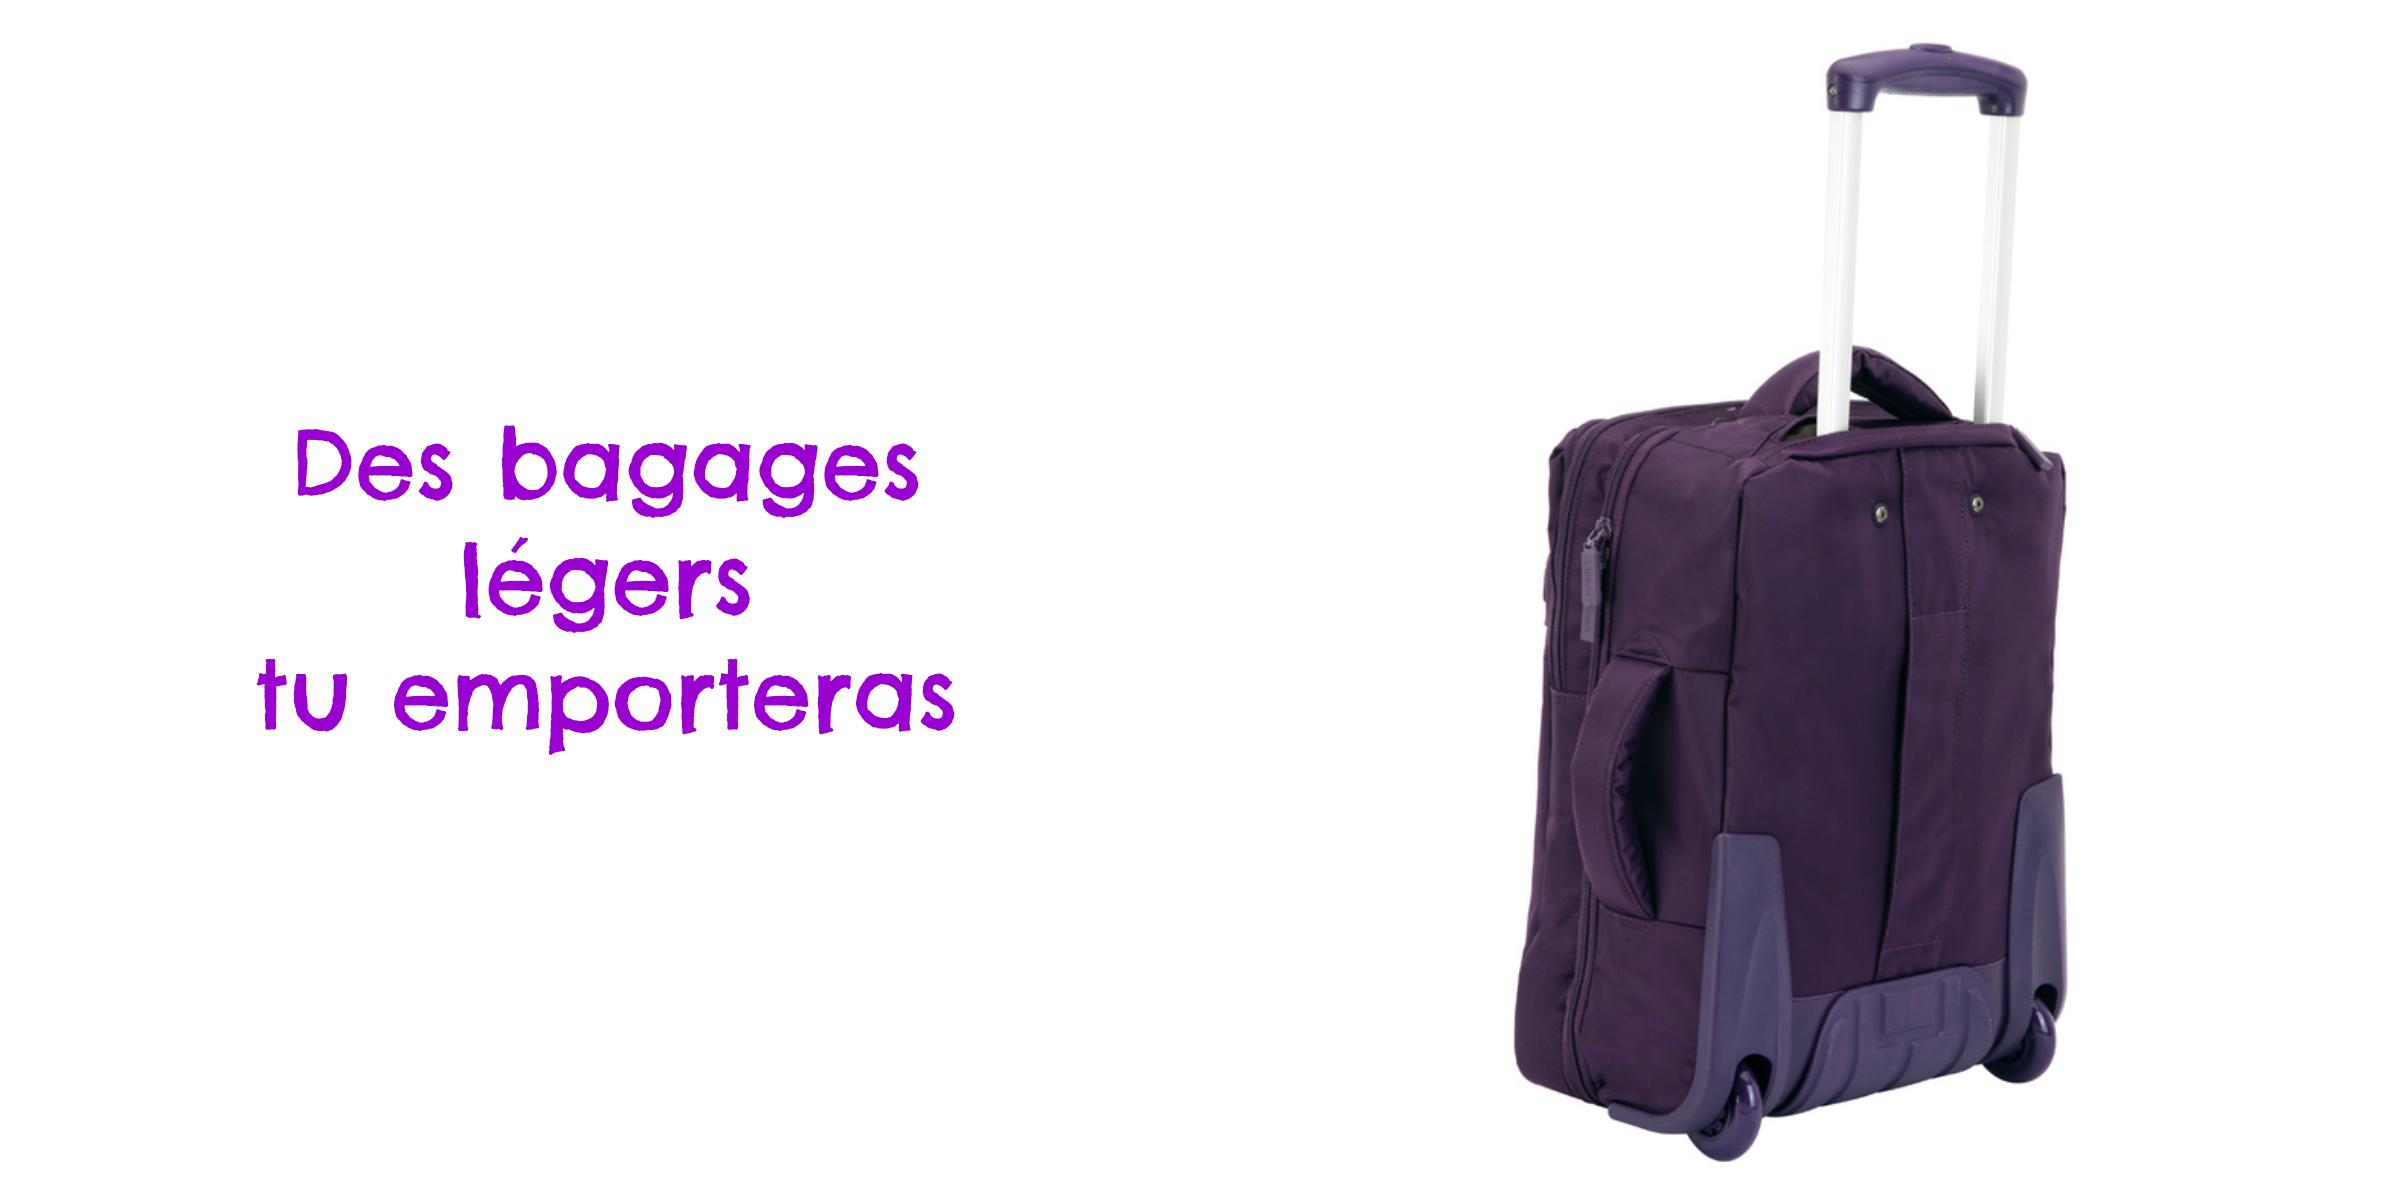 Emplacement de consigne à bagages partout à Skopje ✓Seulement 5€ par jour ✓Pas de restrictions de taille ✓Réservez en ligne avec BAGBNB, le premier réseau de consigne à bagages à Skopje.